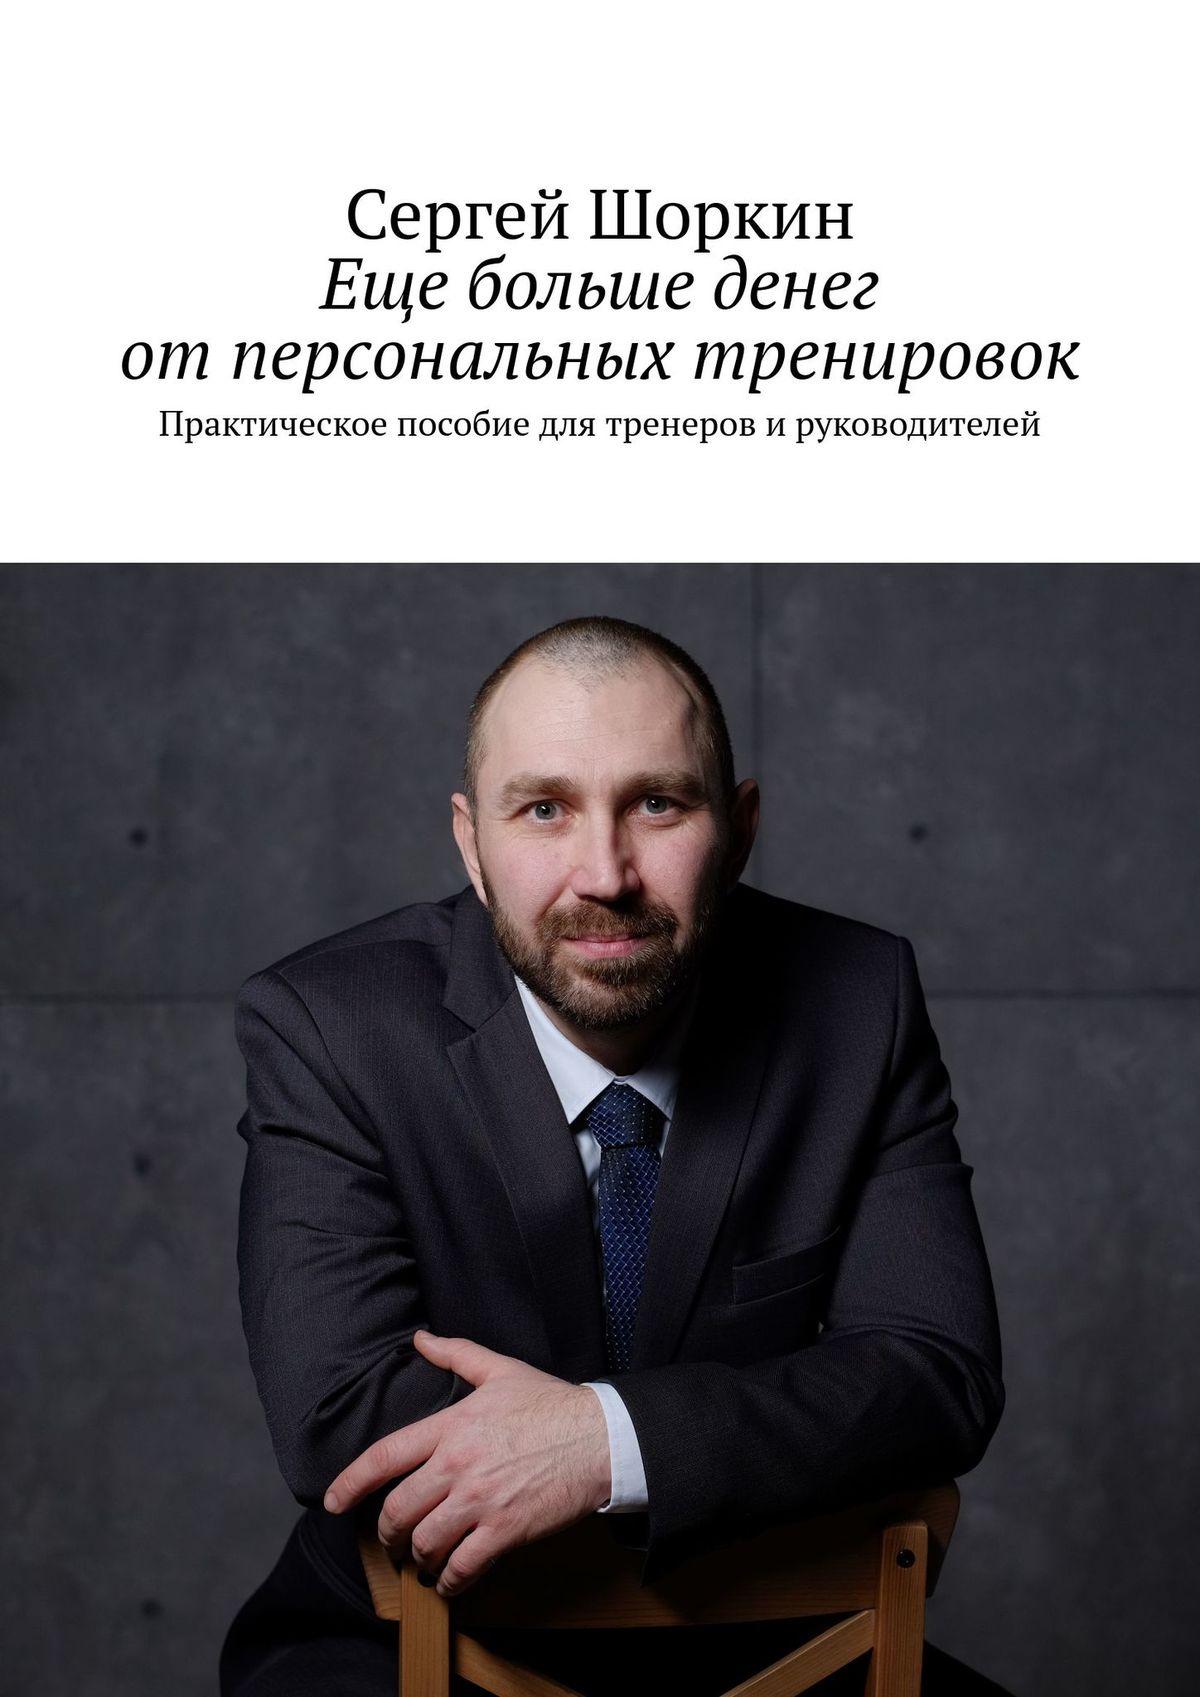 Сергей Шоркин Еще больше денег отперсональных тренировок. Практическое пособие для тренеров ируководителей